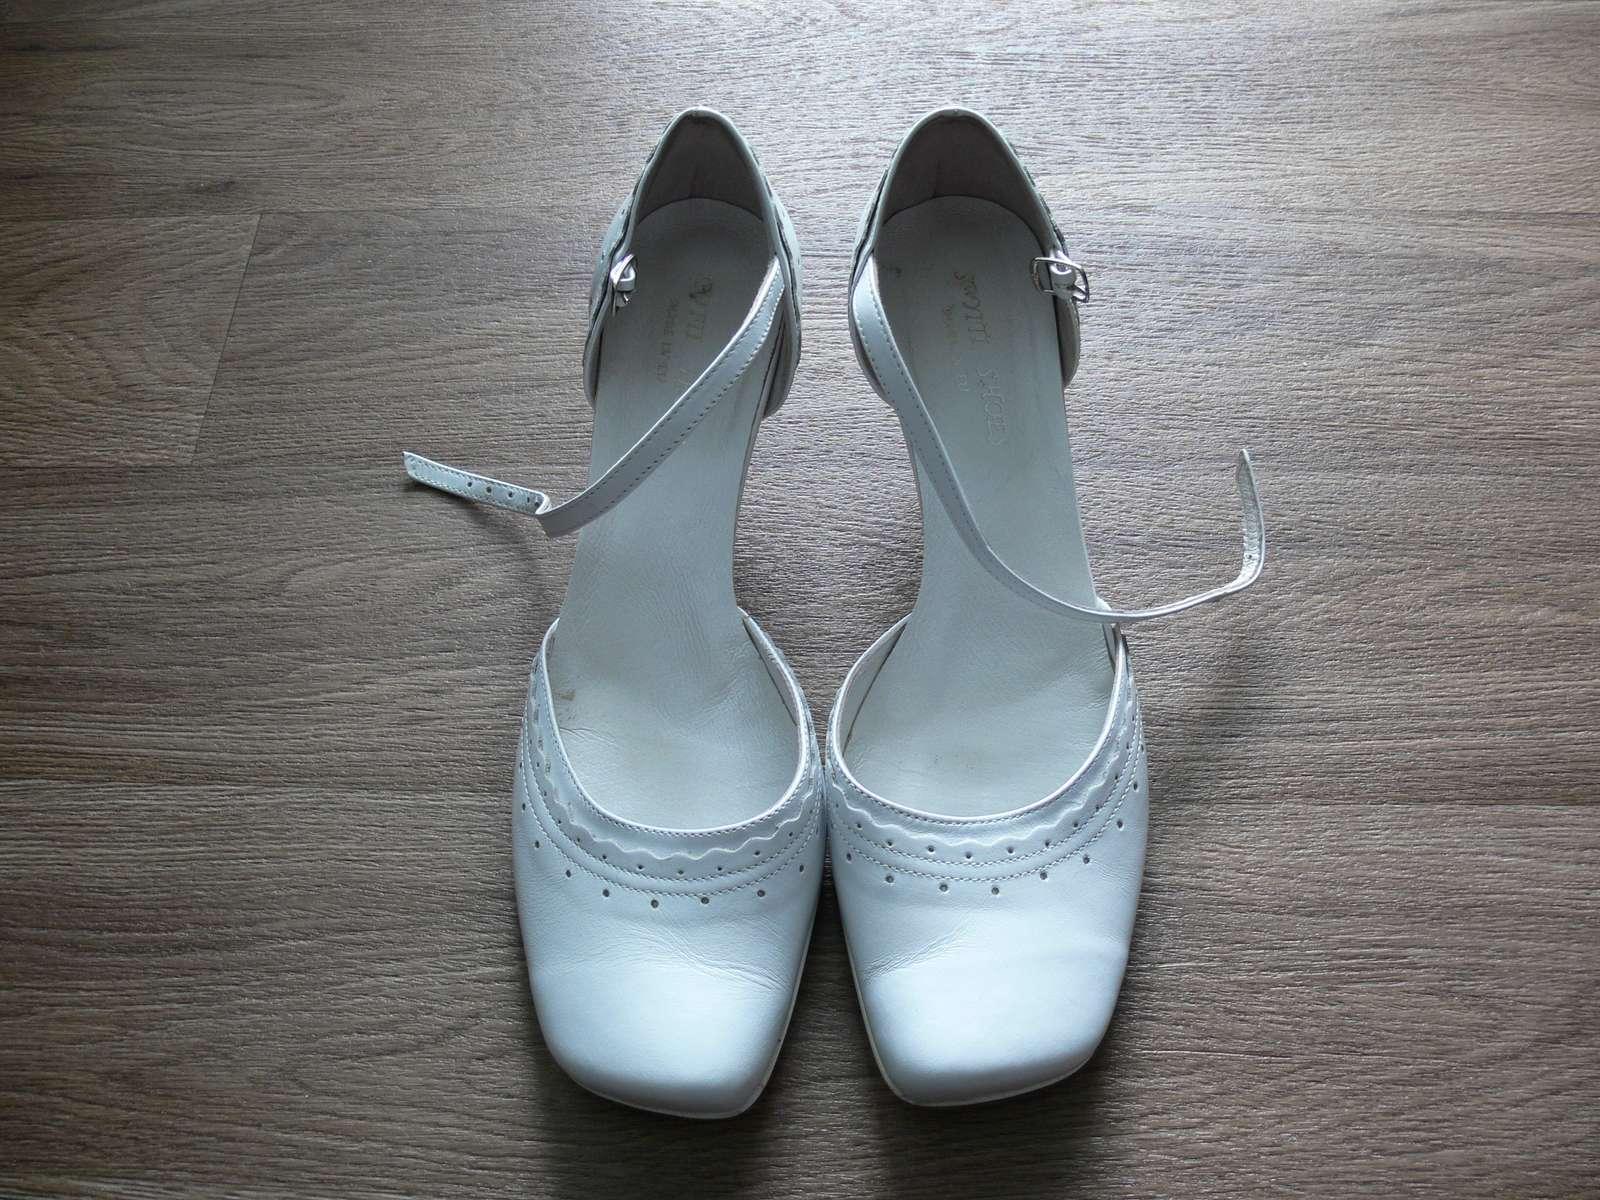 a2e166dbe59 Svatební boty dámské